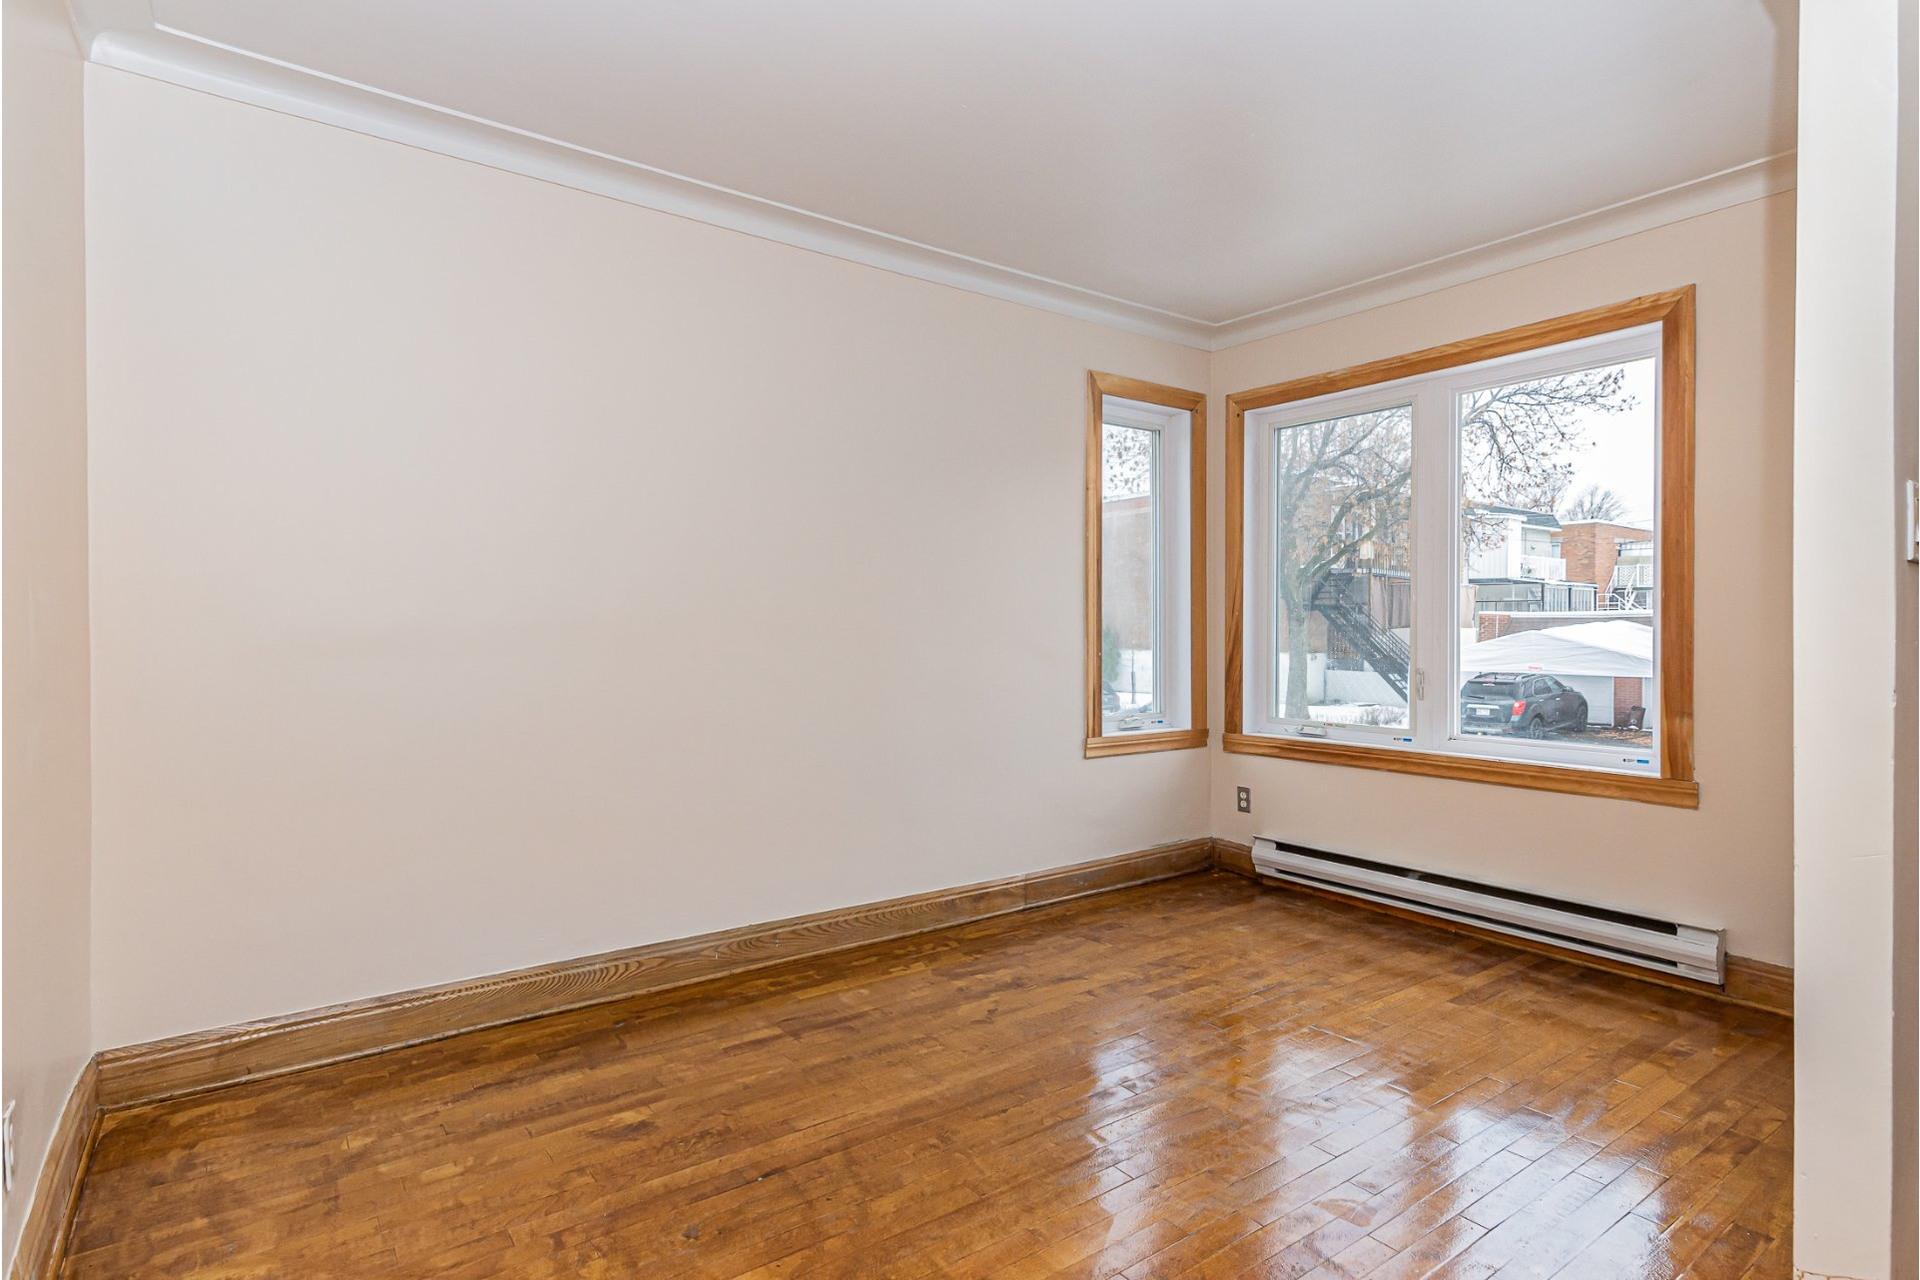 image 4 - Triplex For sale Villeray/Saint-Michel/Parc-Extension Montréal  - 6 rooms